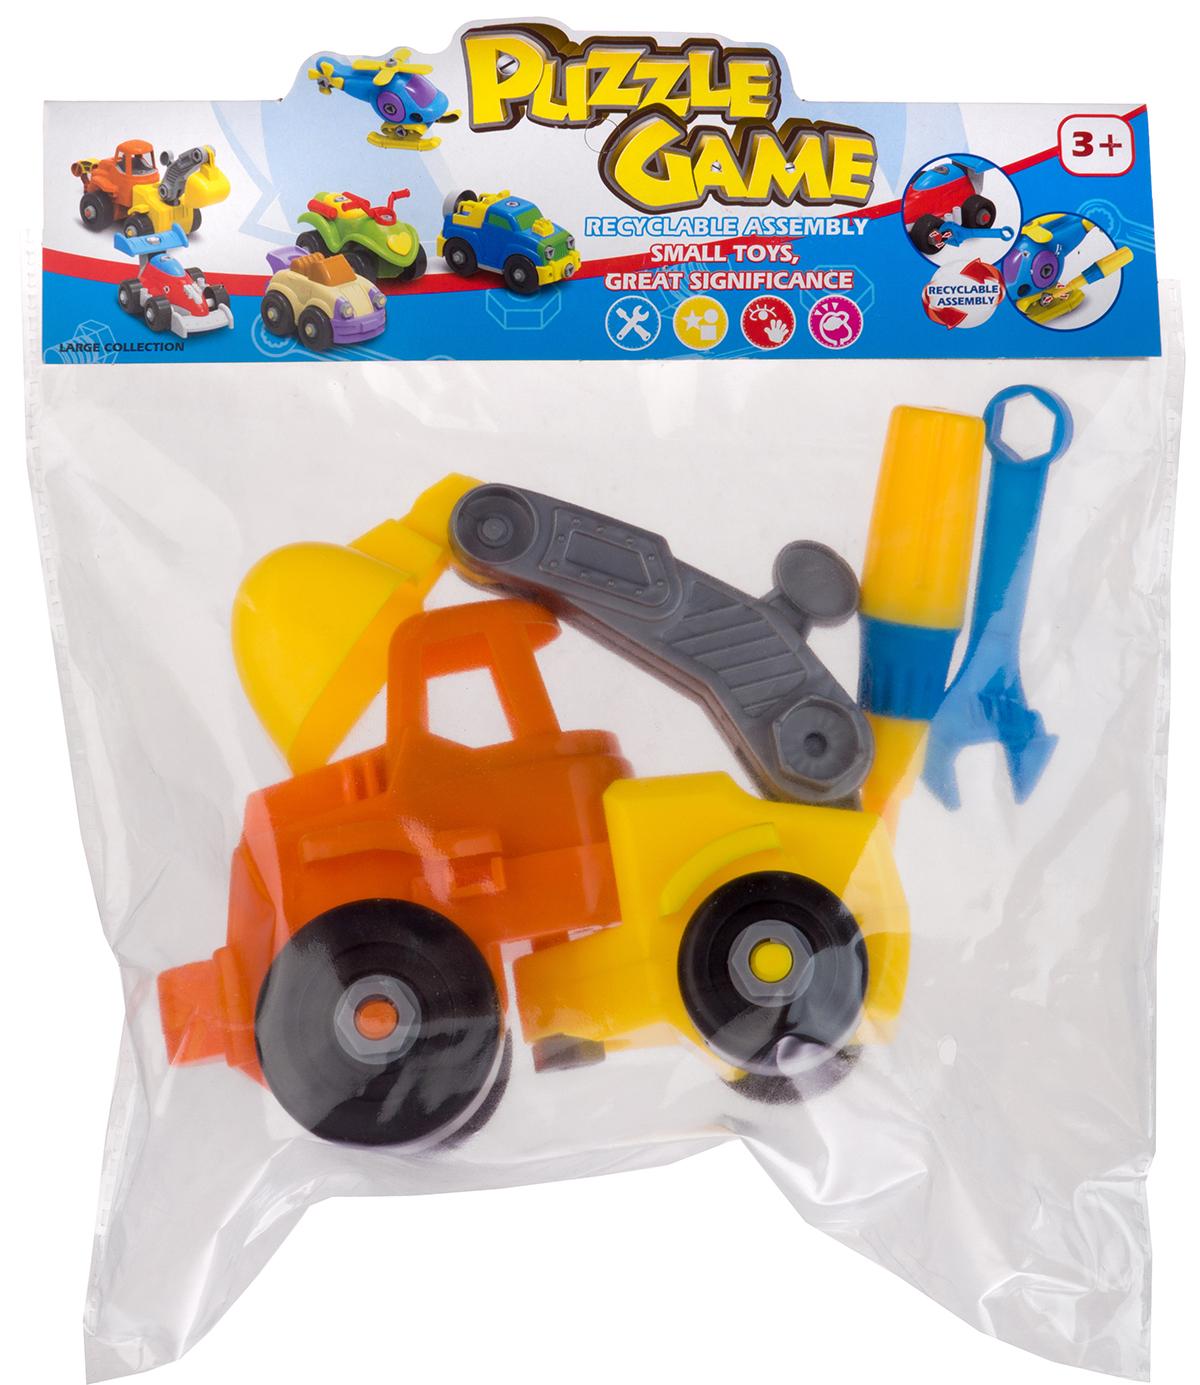 Набор пластмассовых деталей для сборки экскаватора, пакет (Union Vision: 555-12A)